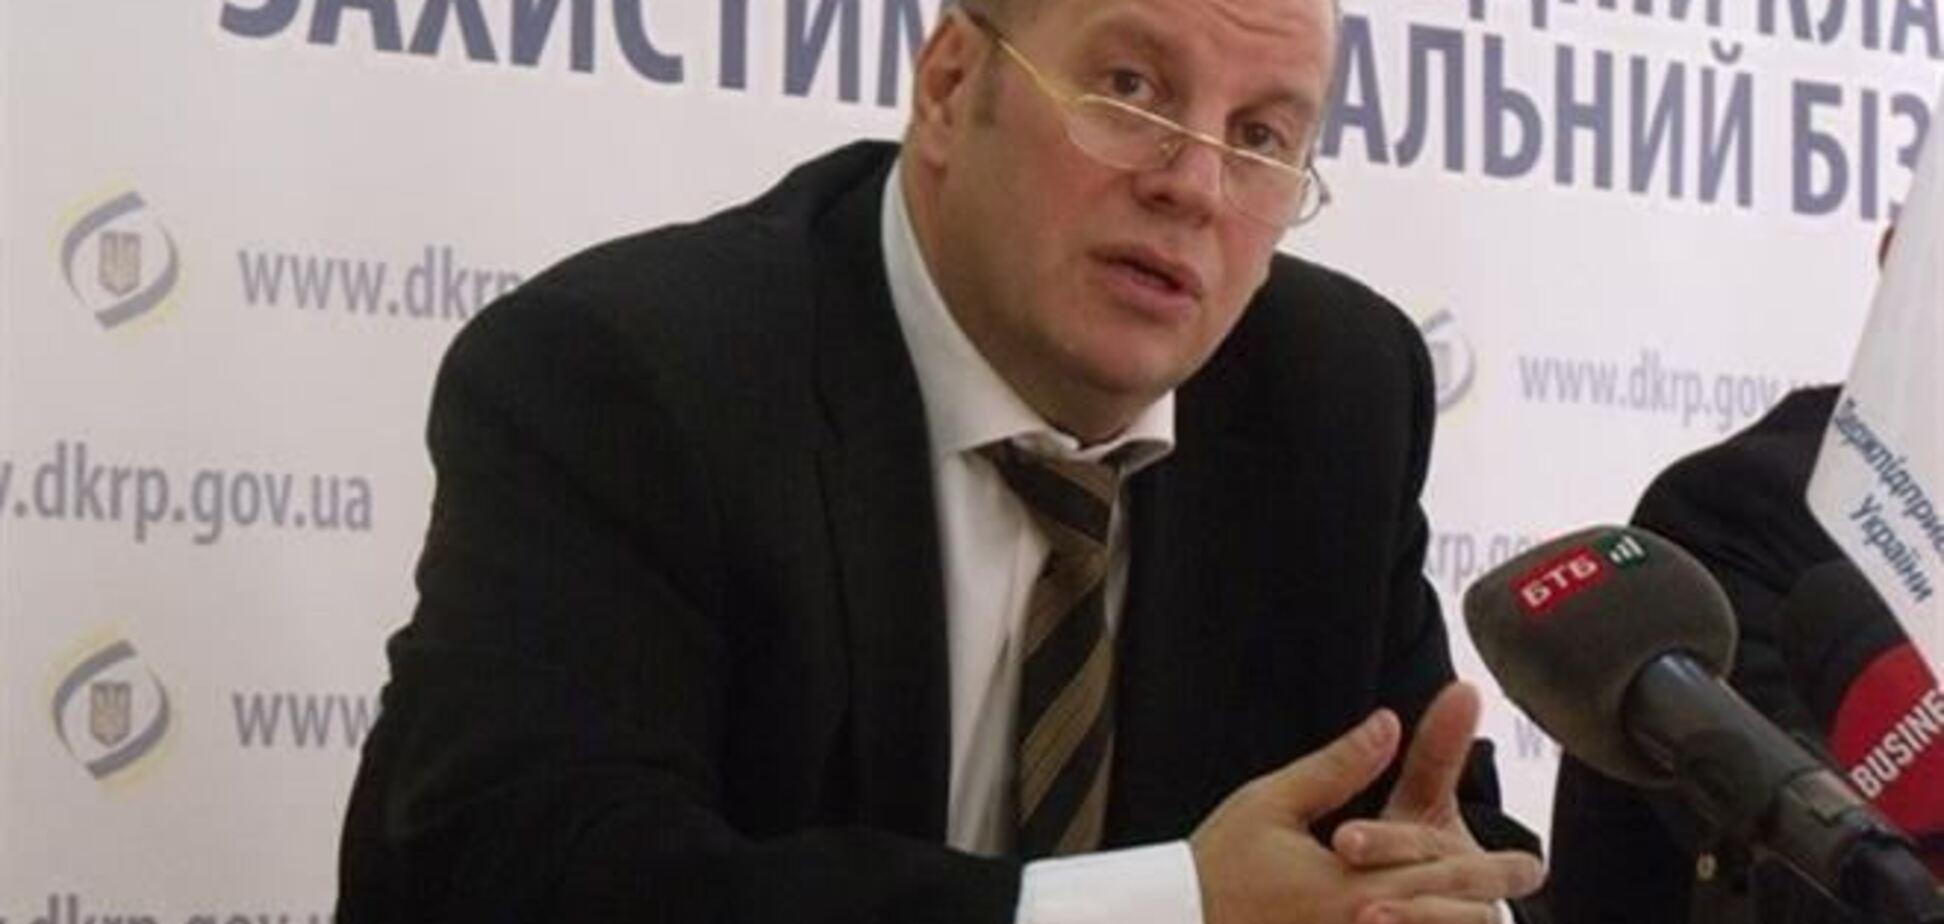 Бродский: беспорядки в Украине – это последствия подписания газового контракта Тимошенко и Путина